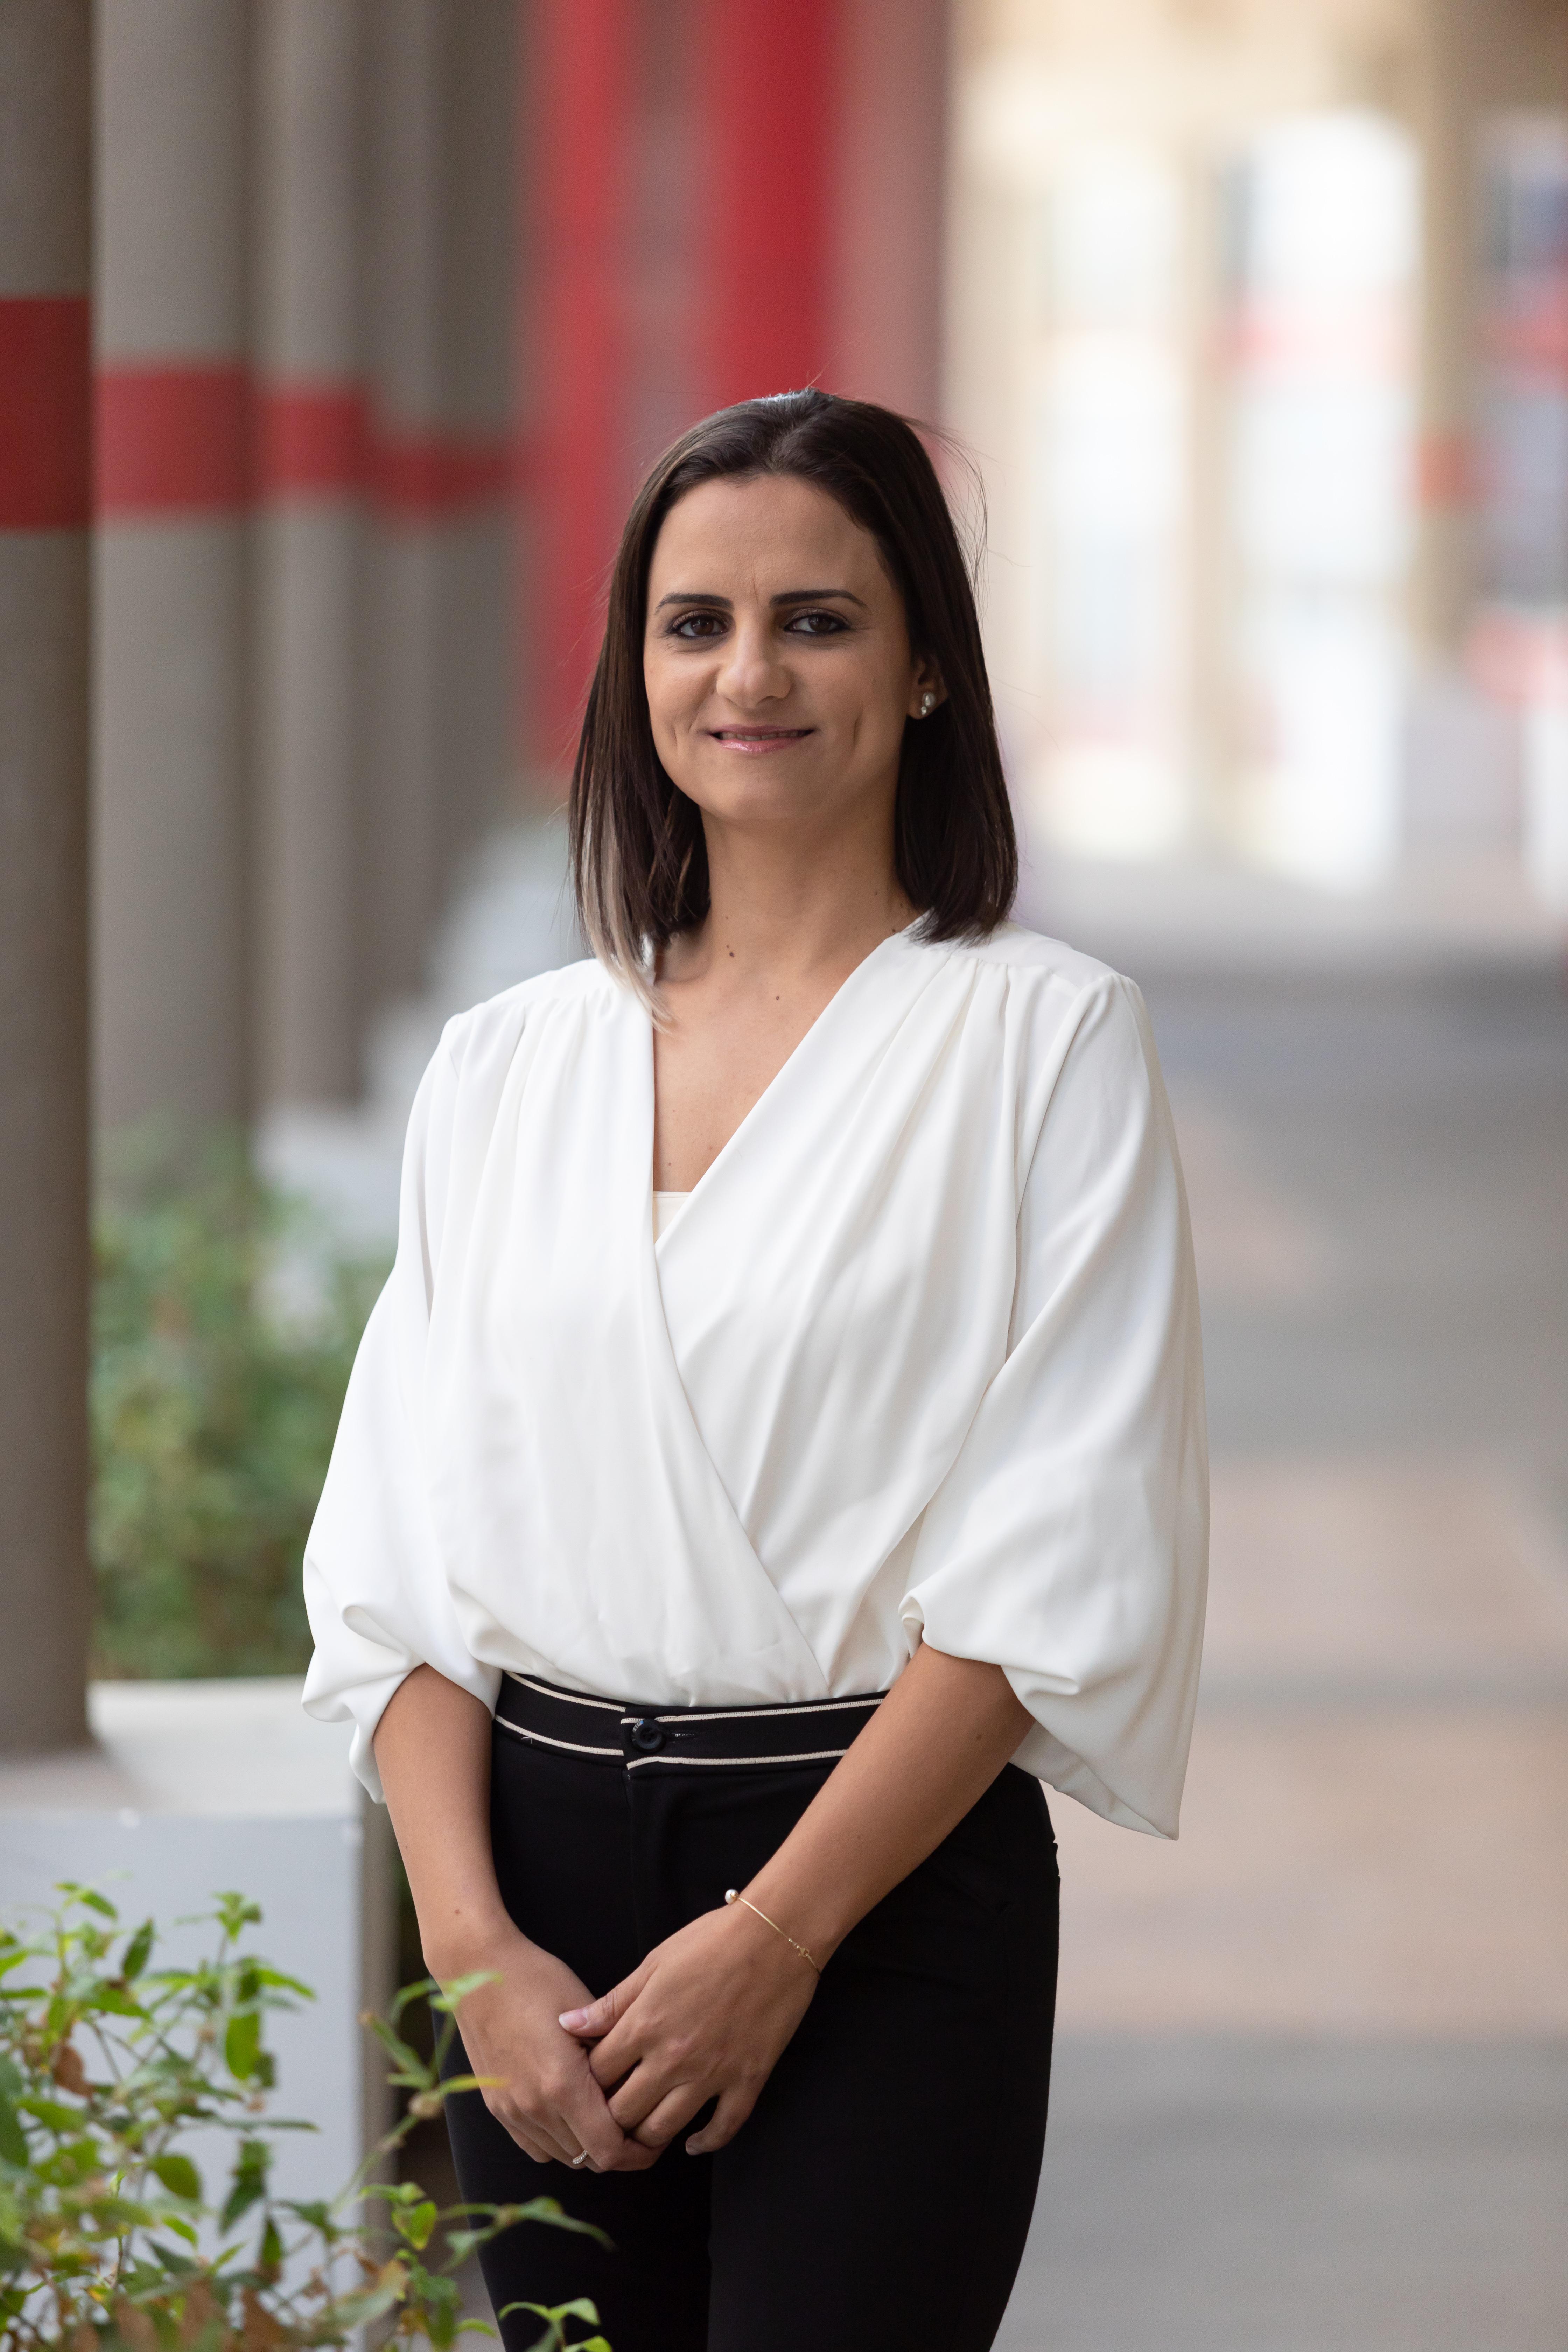 """ד""""ר חוזימה אבו סיביה מומחית במחלות זיהומיות, מומחית ברפואת משפחה"""